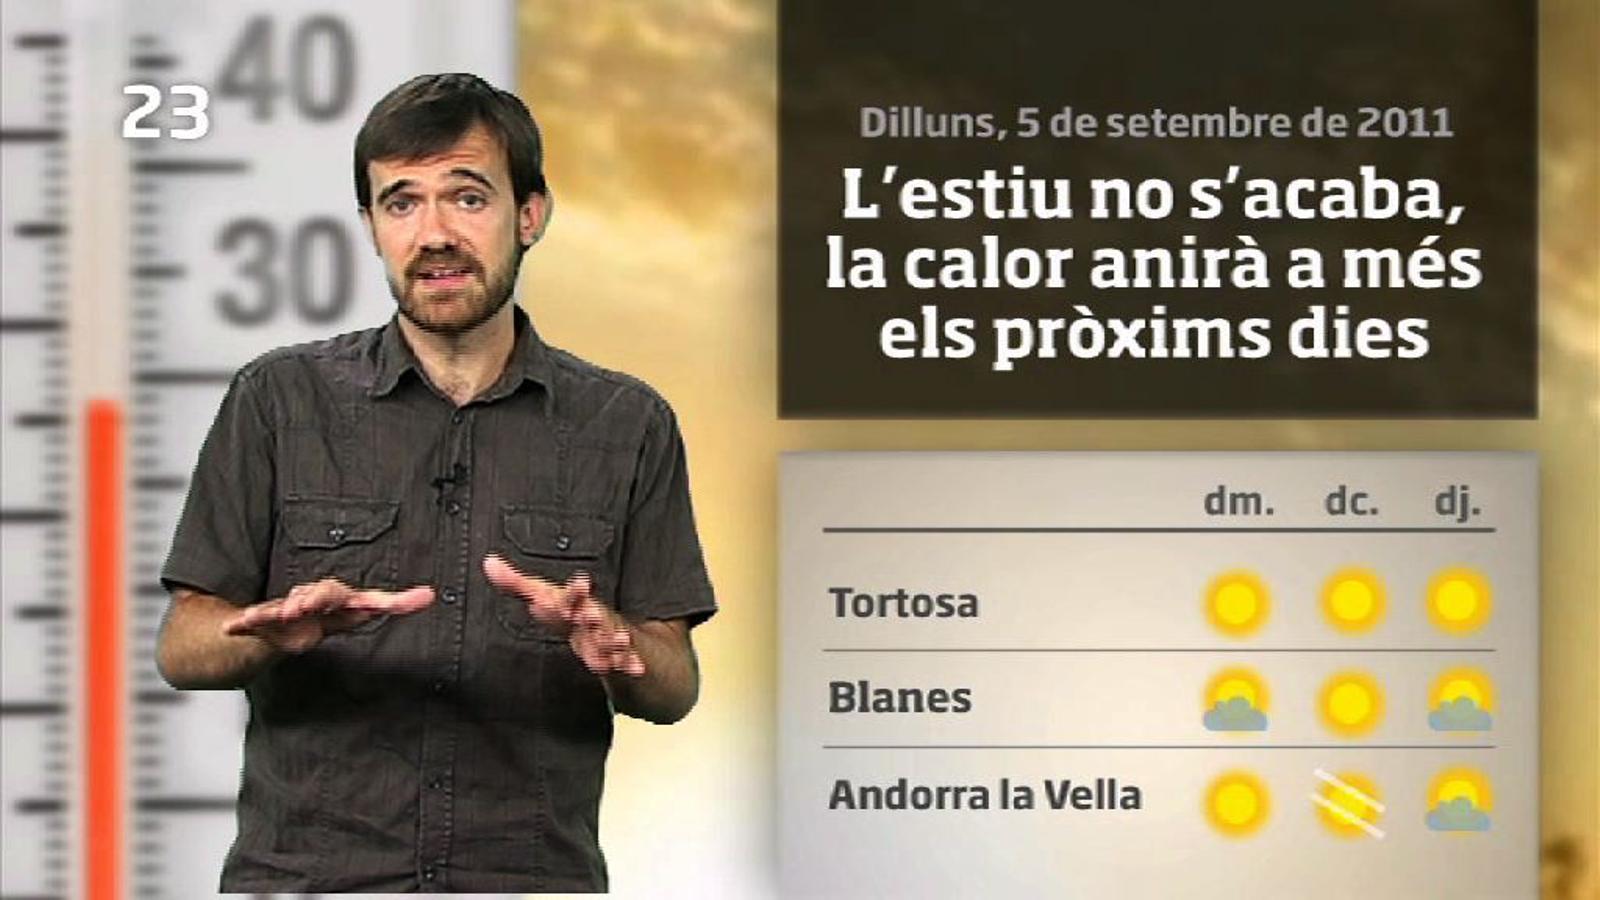 La méteo en 1 minut: l'estiu no s'acaba (05/09/2011)